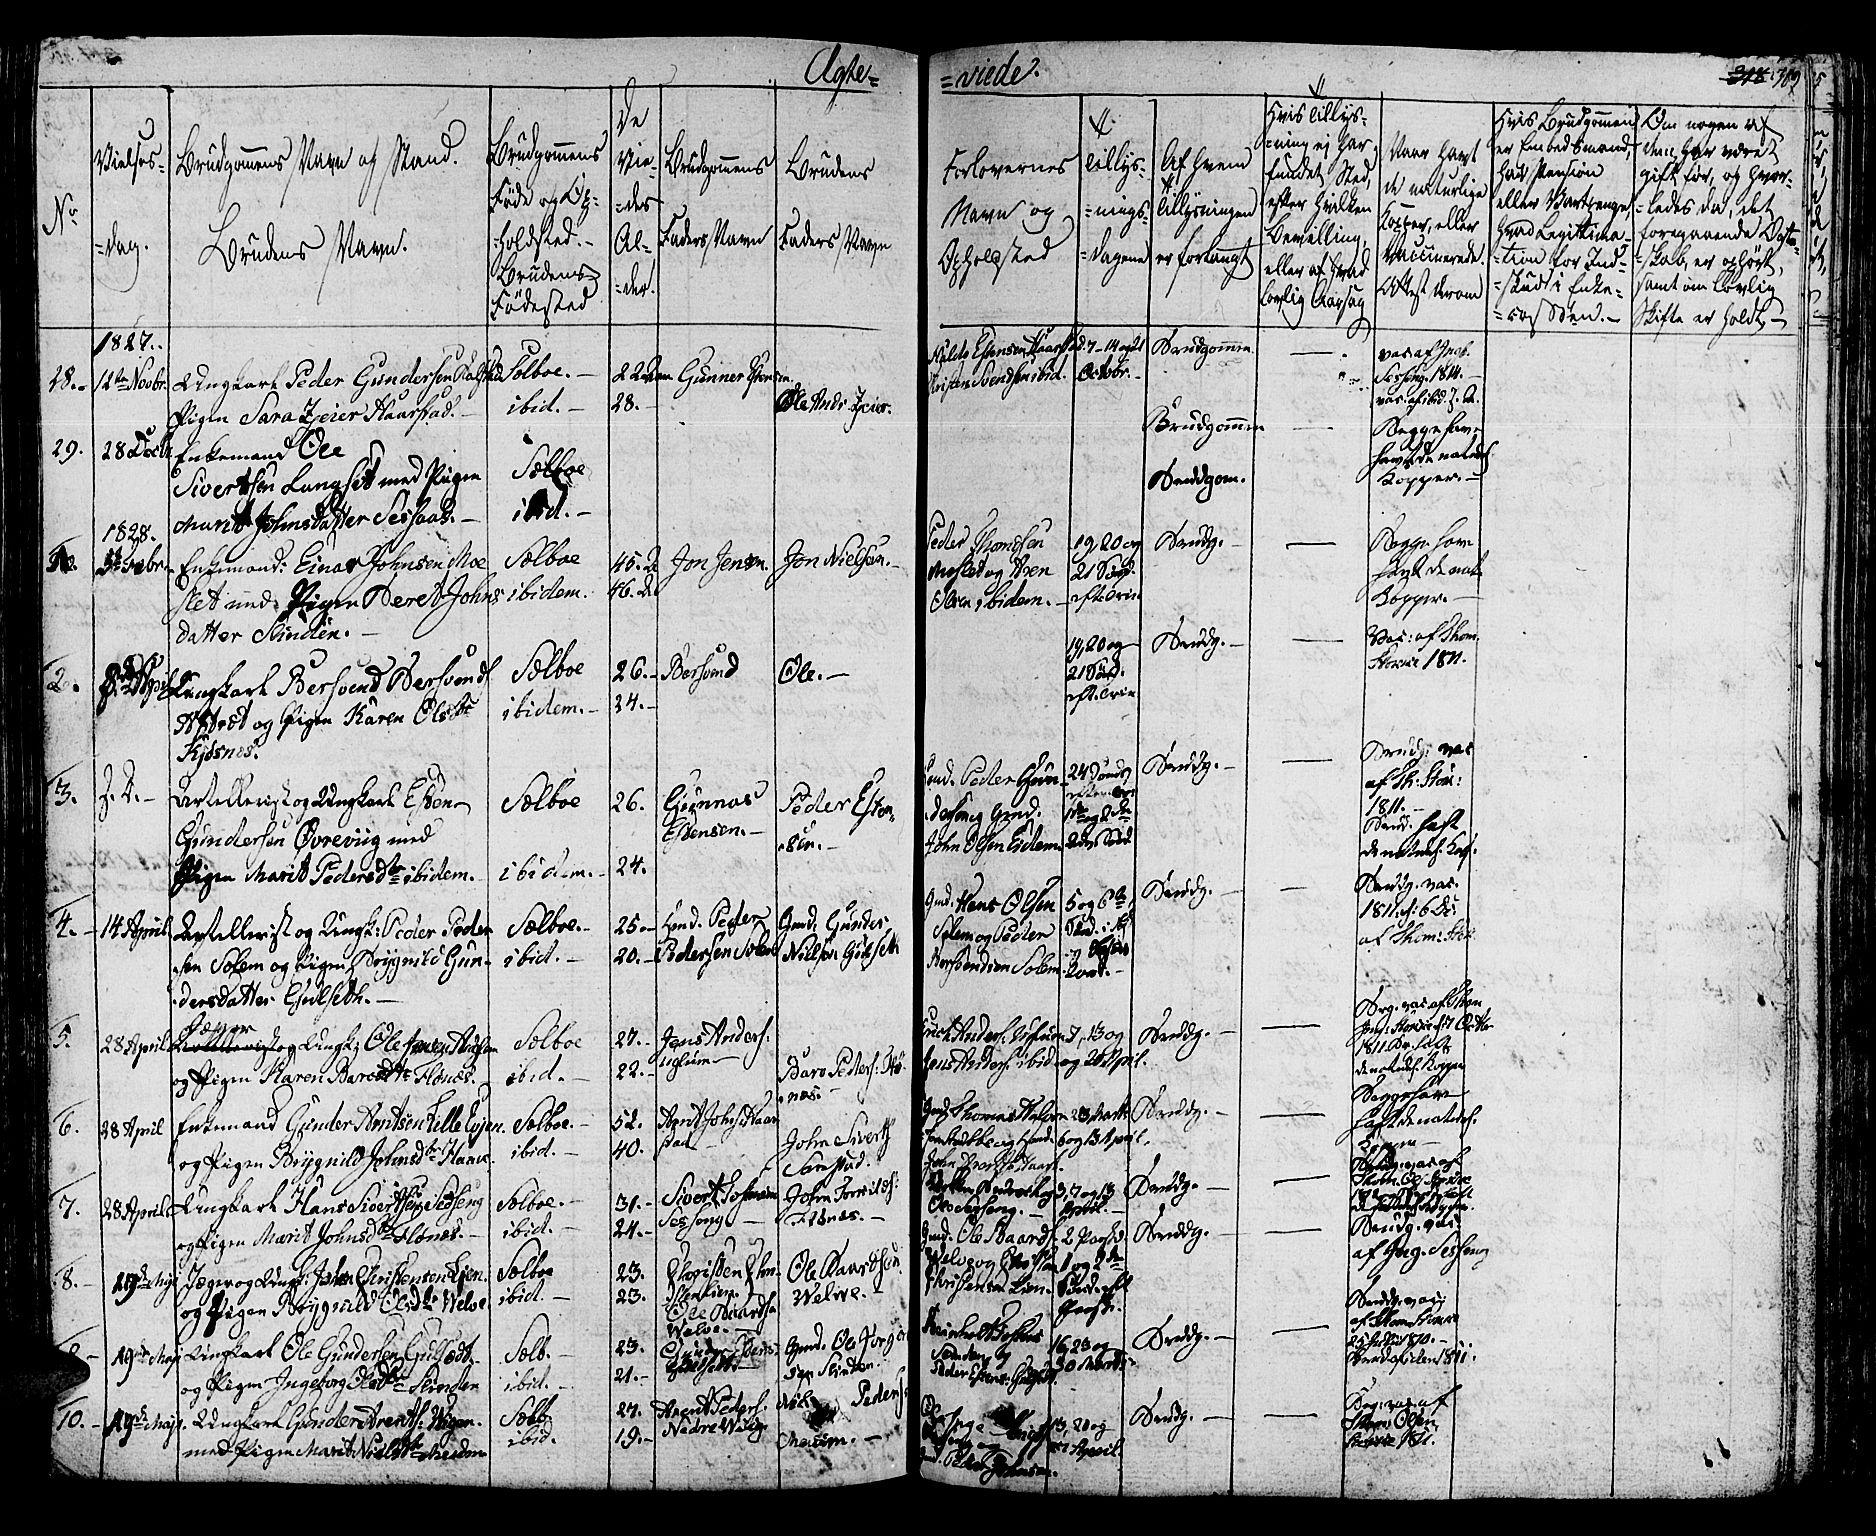 SAT, Ministerialprotokoller, klokkerbøker og fødselsregistre - Sør-Trøndelag, 695/L1143: Ministerialbok nr. 695A05 /1, 1824-1842, s. 309